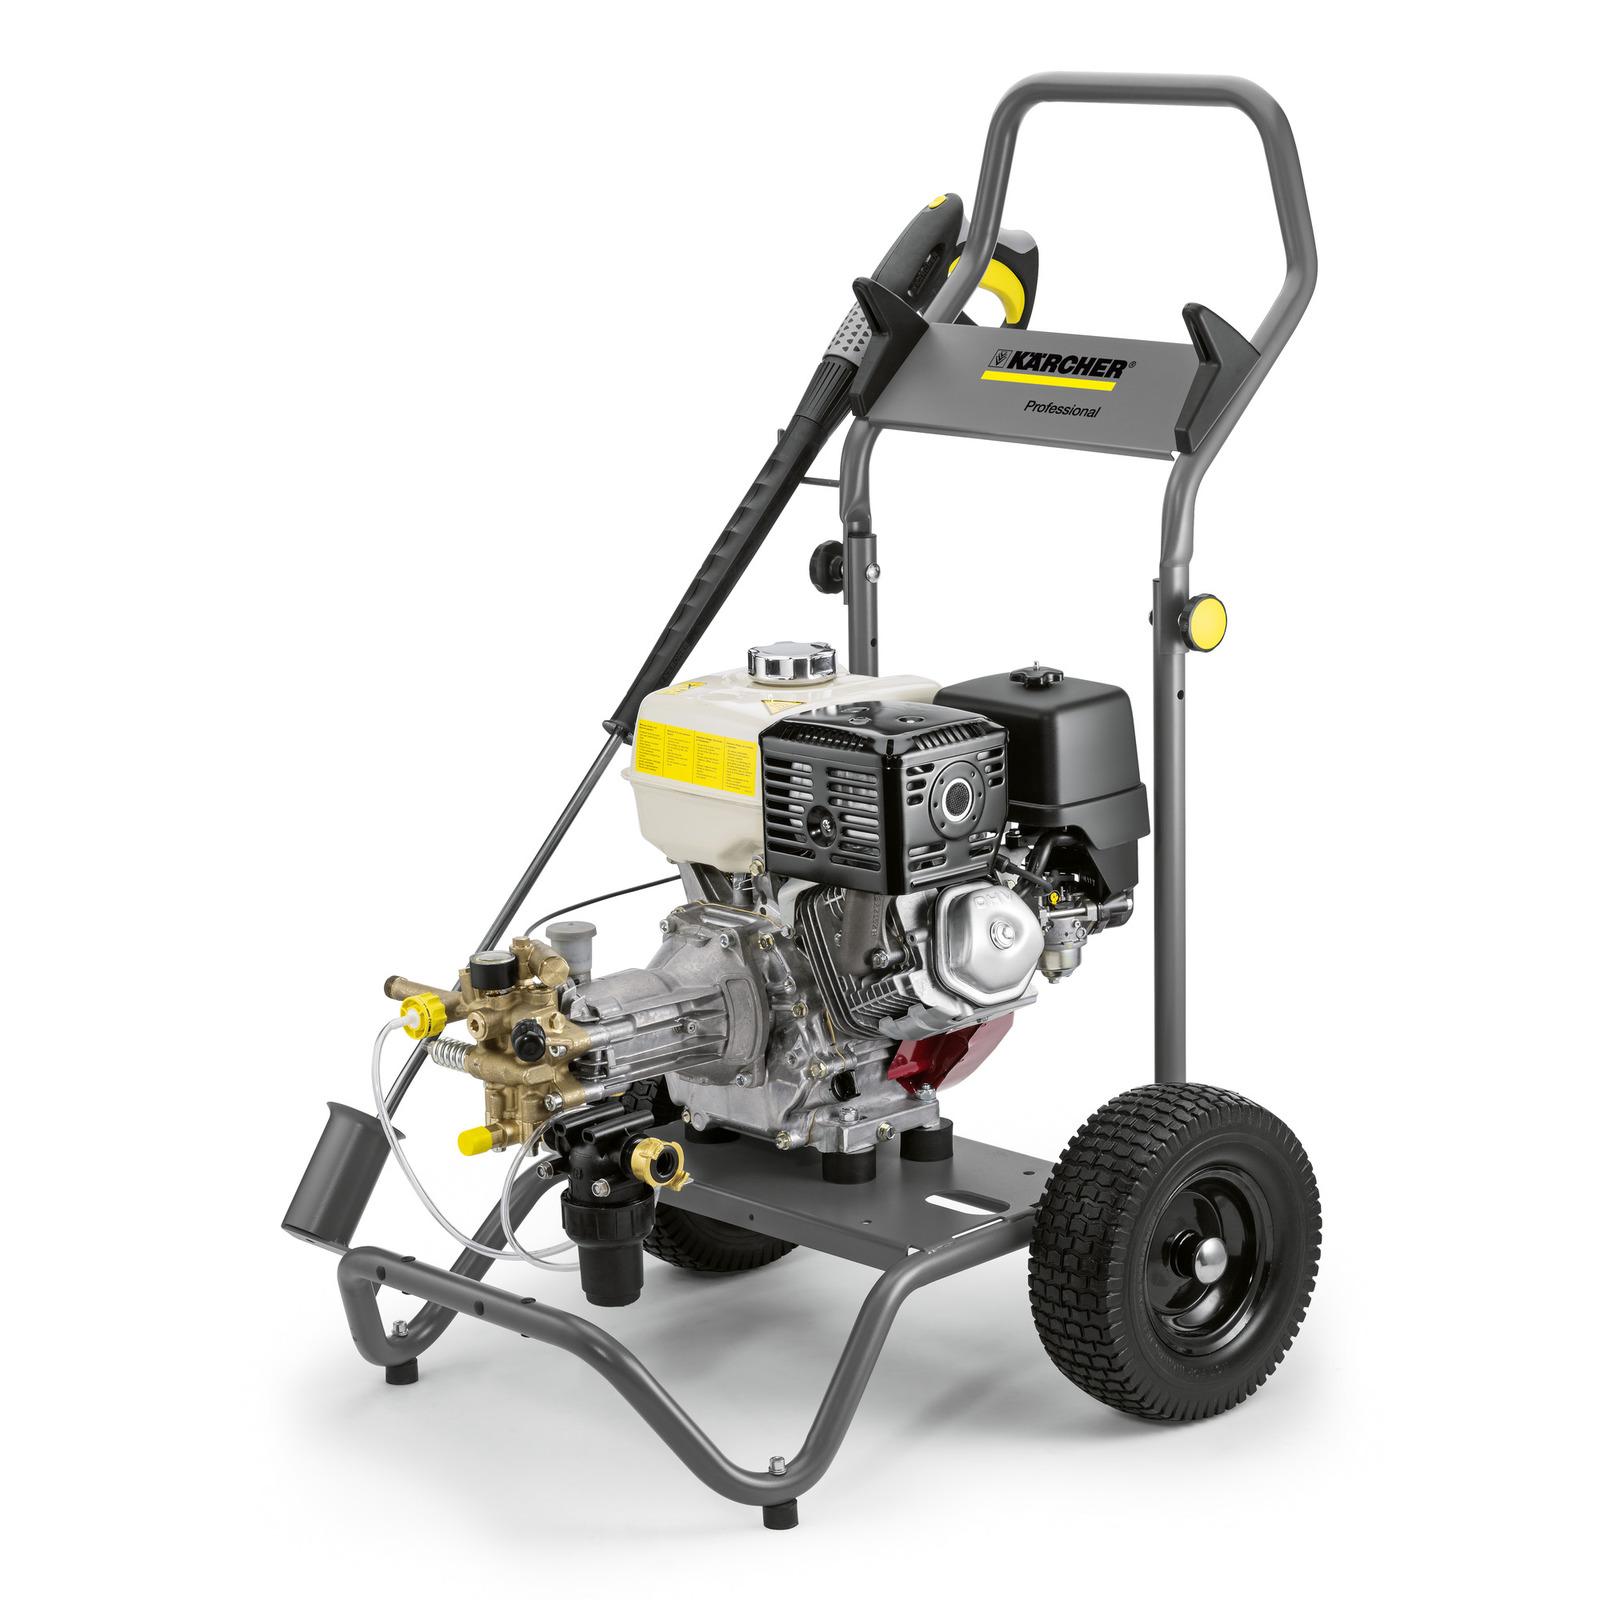 KARCHER 1.810-252.0 - HD9/21 G High Pressure Washer